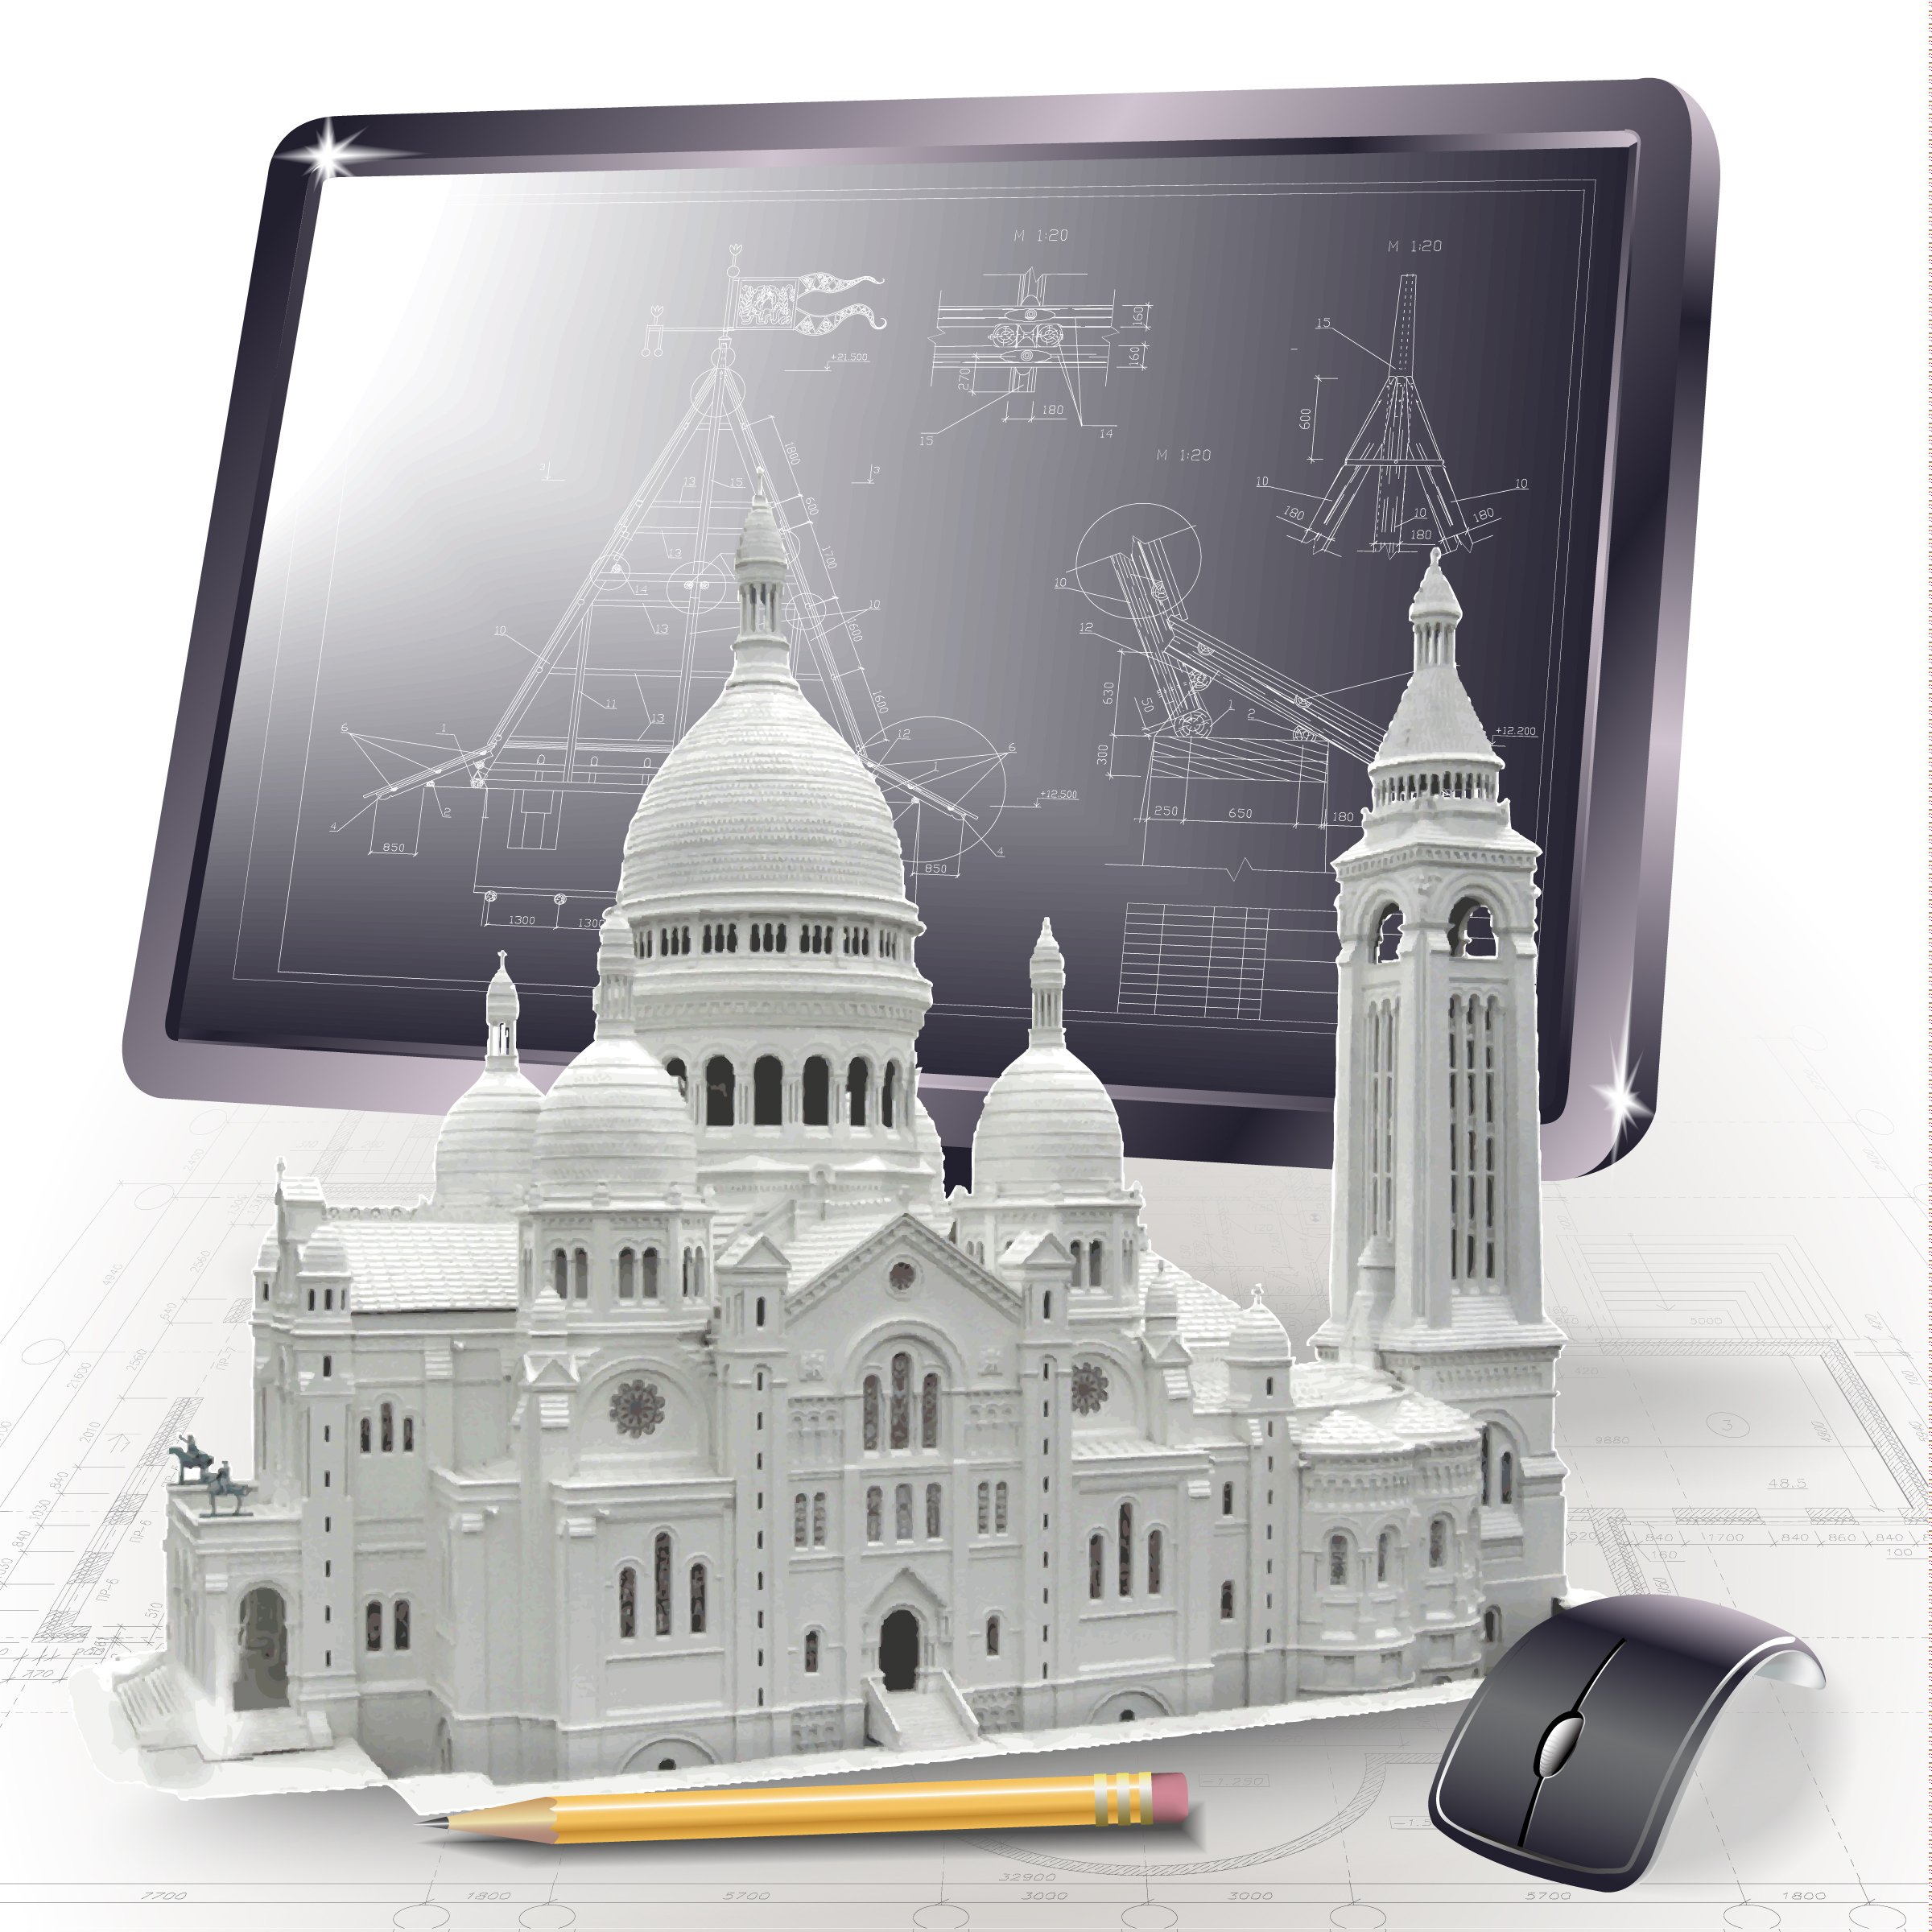 CAD design experts